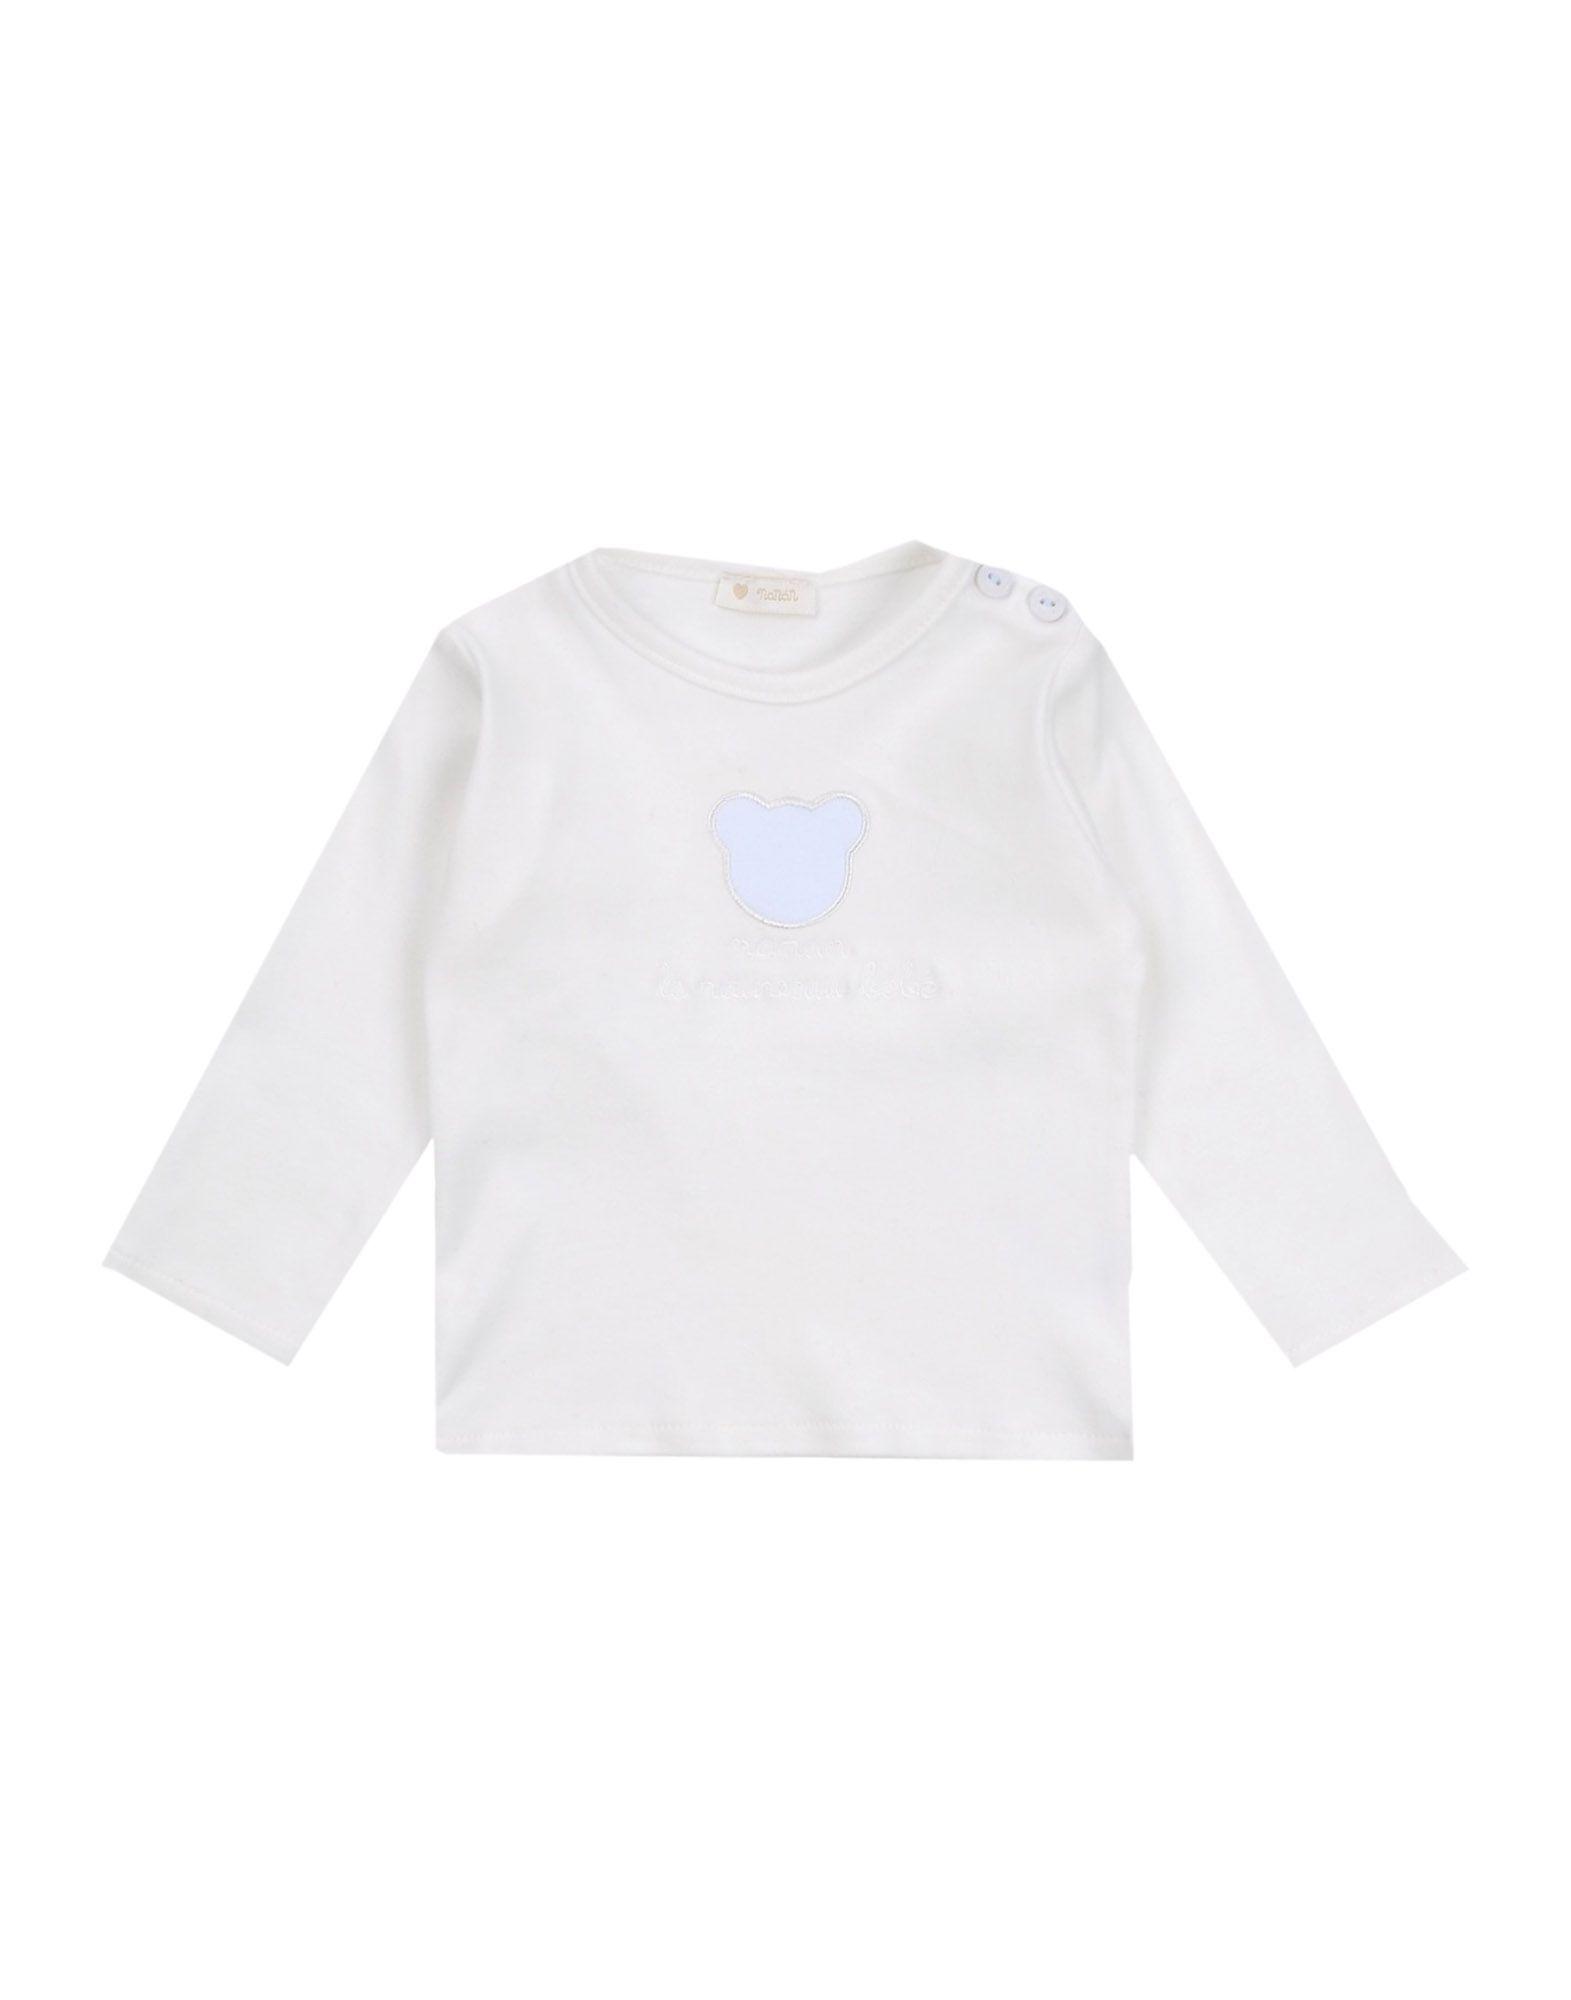 NANÁN Mädchen 0-24 monate T-shirts Farbe Weiß Größe 5